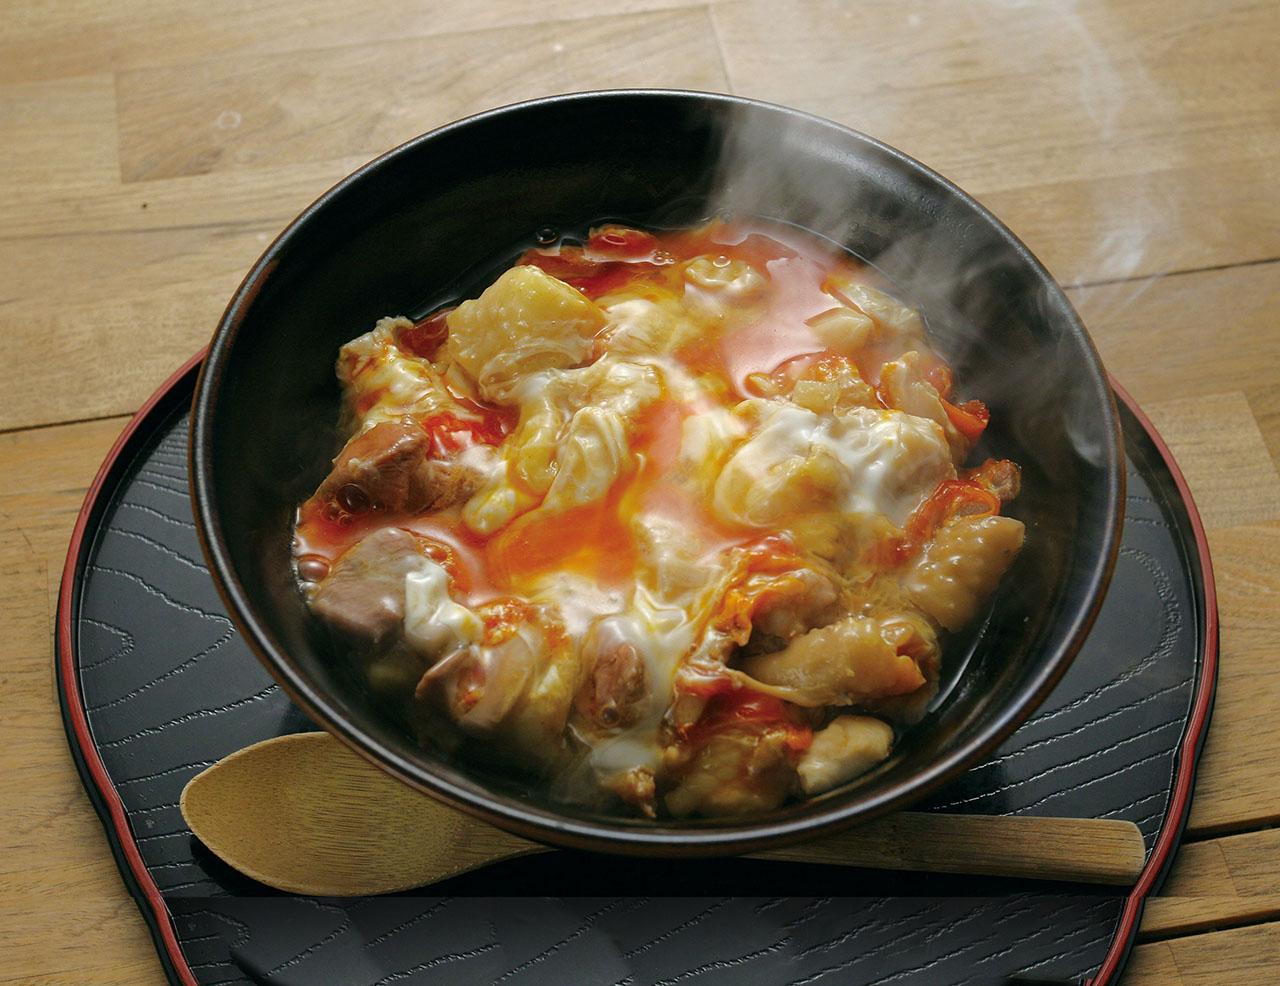 小田急うまいものめぐり「」中村農場の甲斐路軍鶏の親子丼